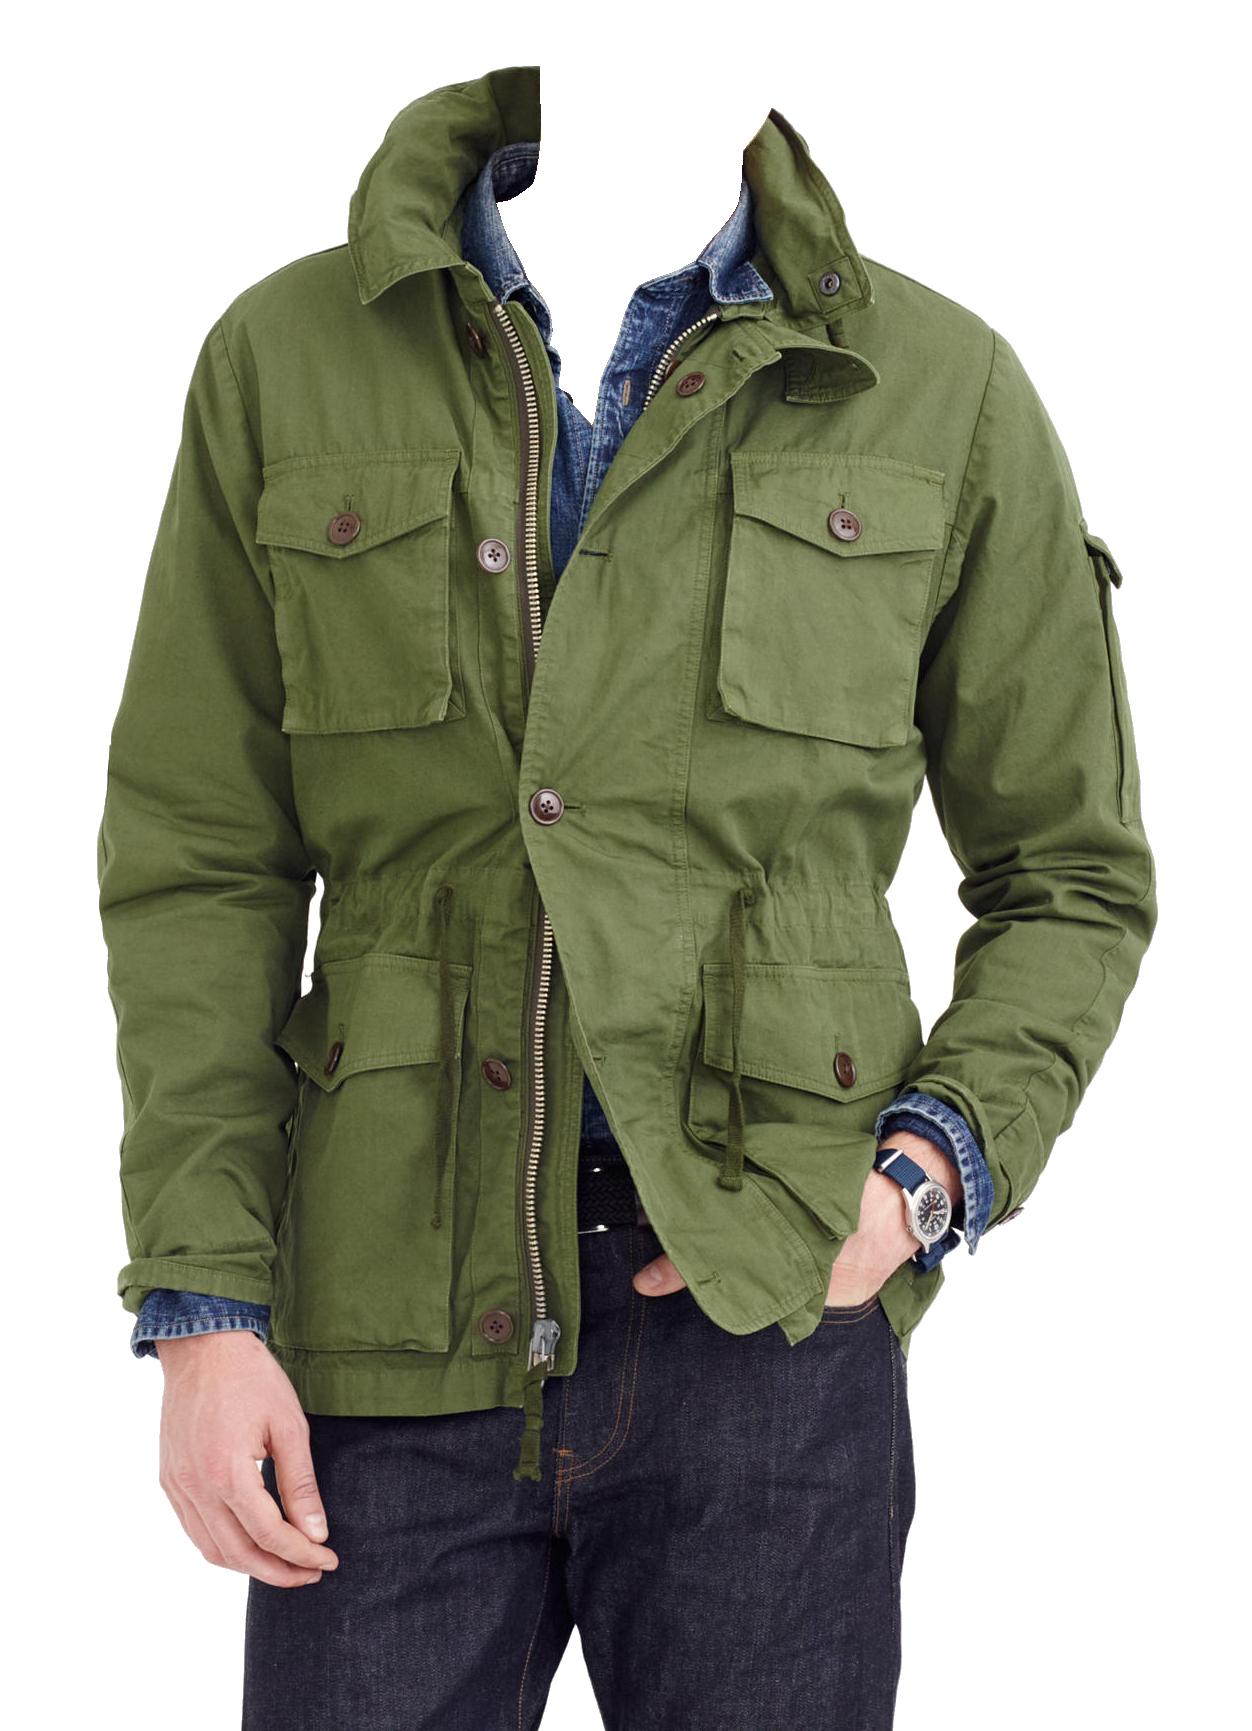 Jacket png image purepng. Zipper clipart cloth